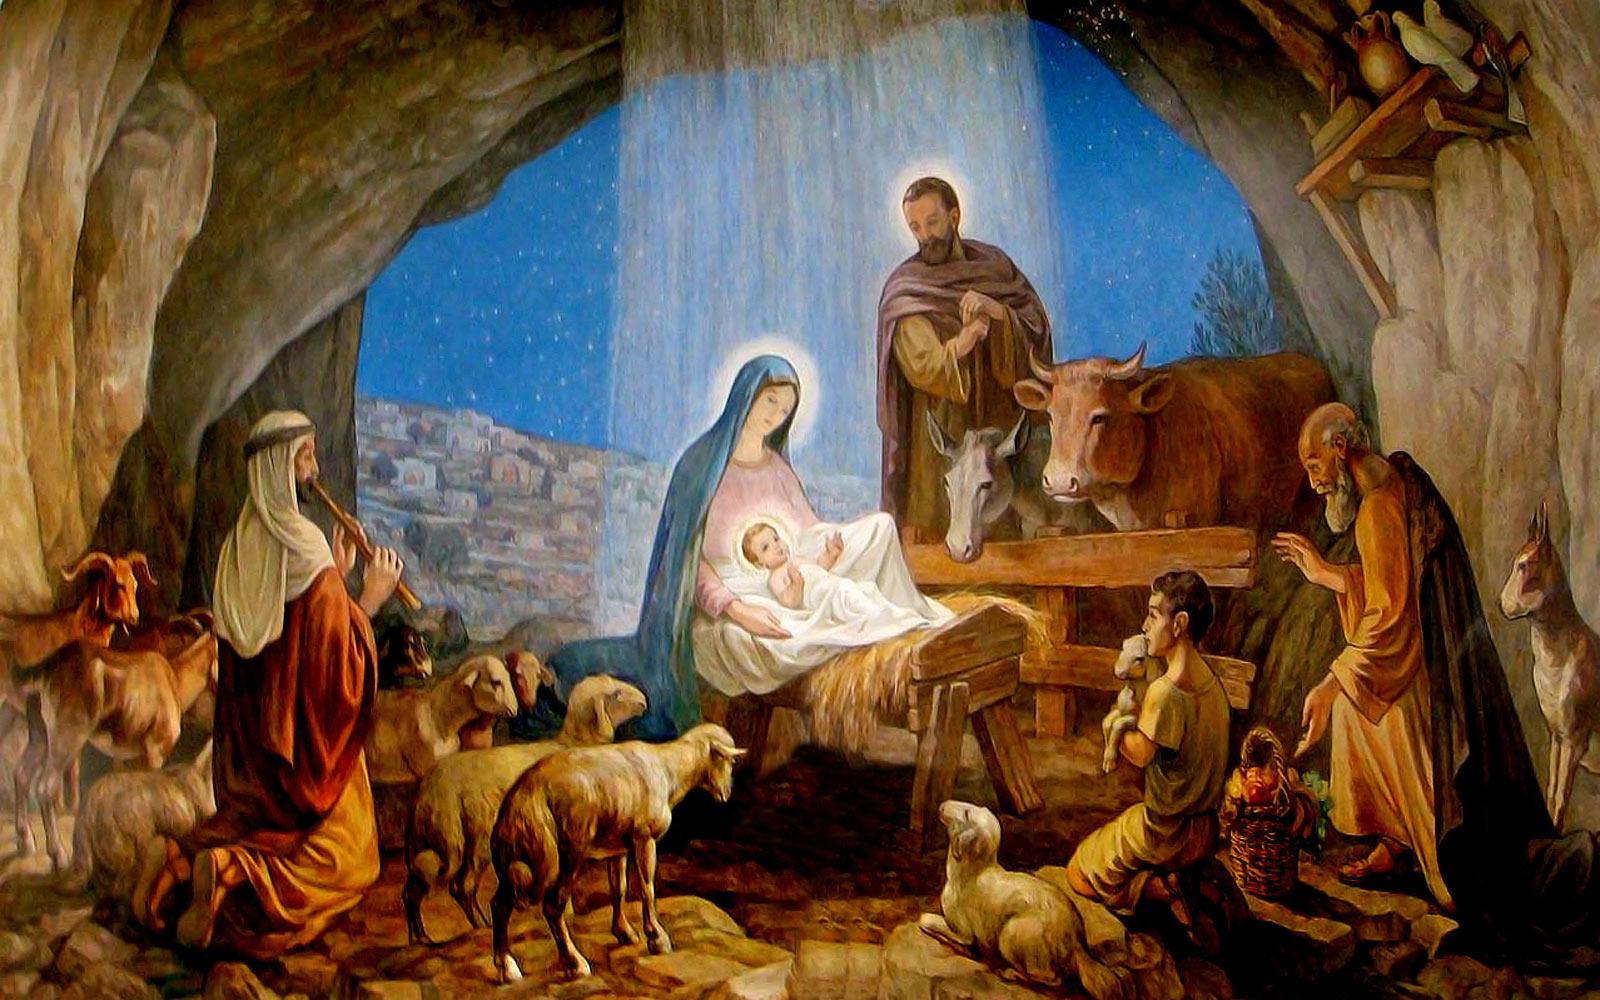 Fotos De El Pesebre De Jesus.Asi Surgio La Representacion Del Nino Jesus En El Pesebre